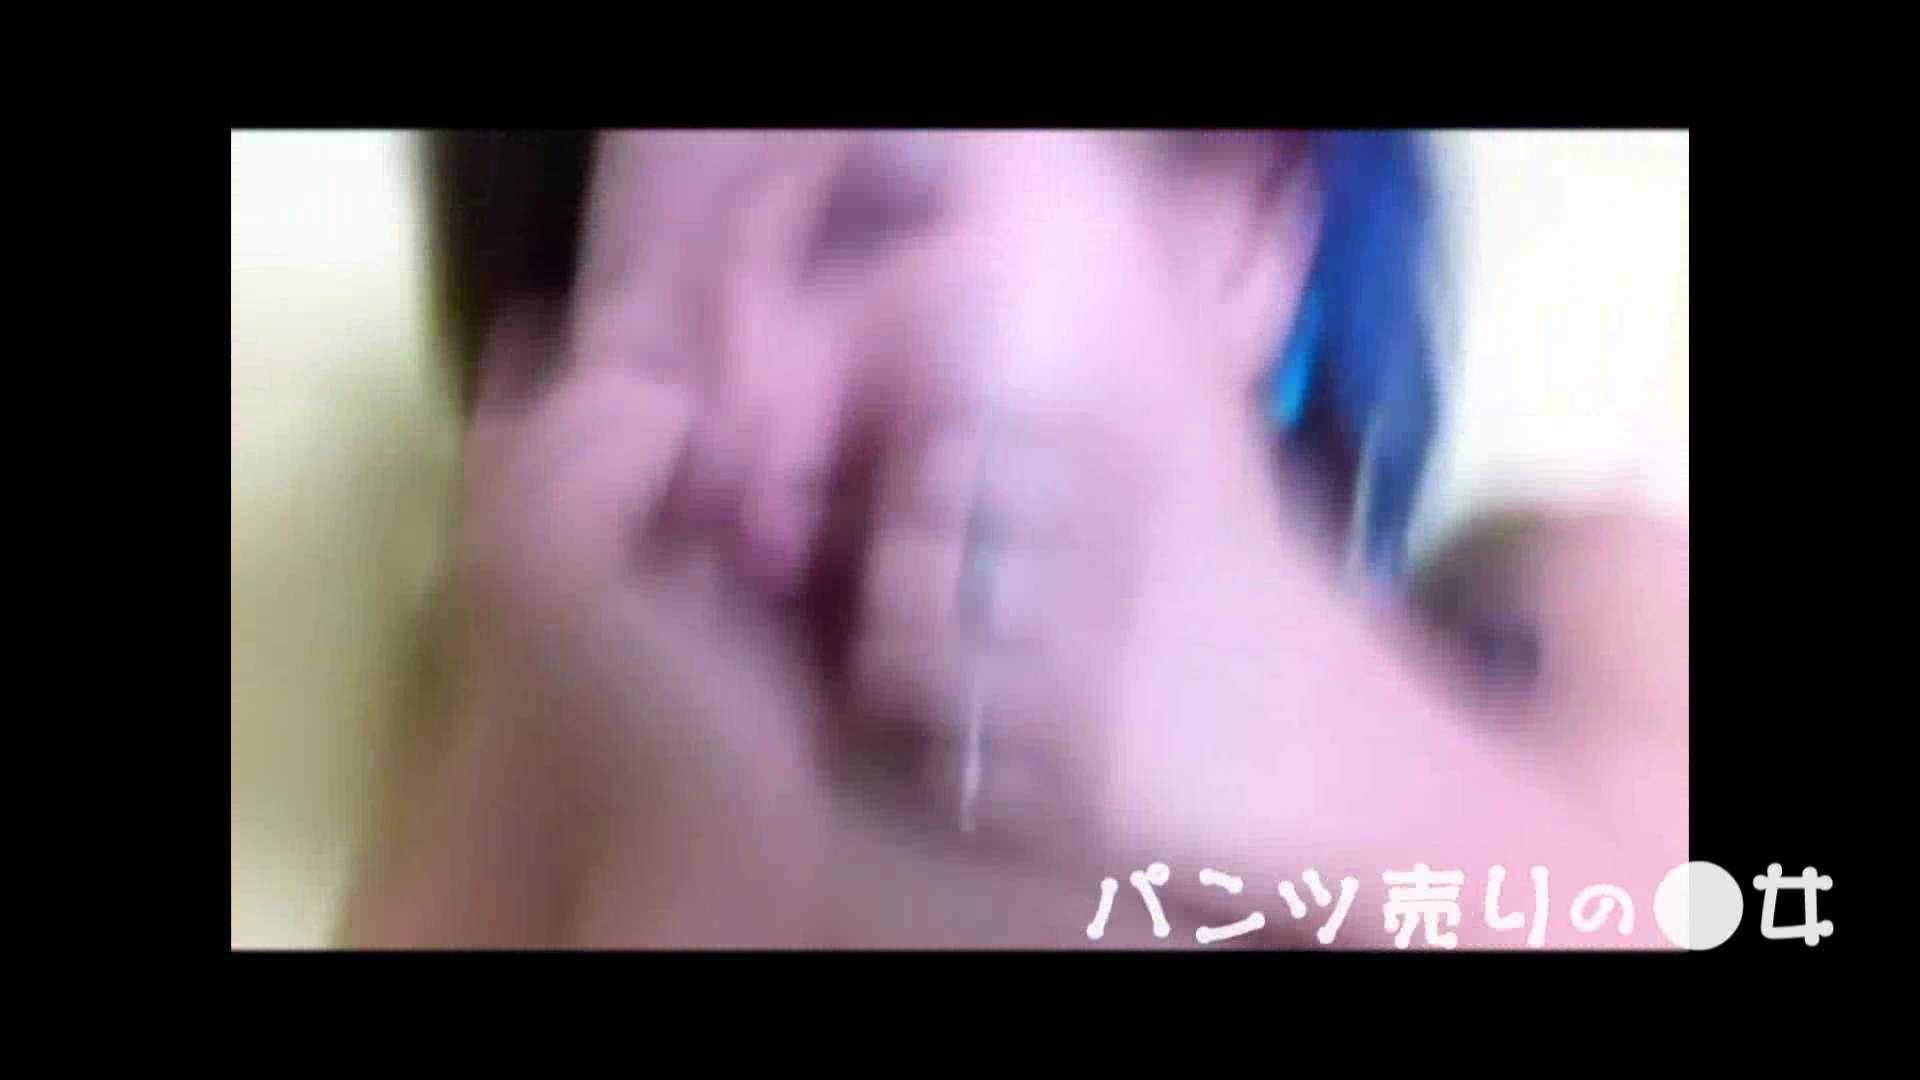 新説 パンツ売りの女の子nana05 一般投稿 ワレメ動画紹介 108枚 70